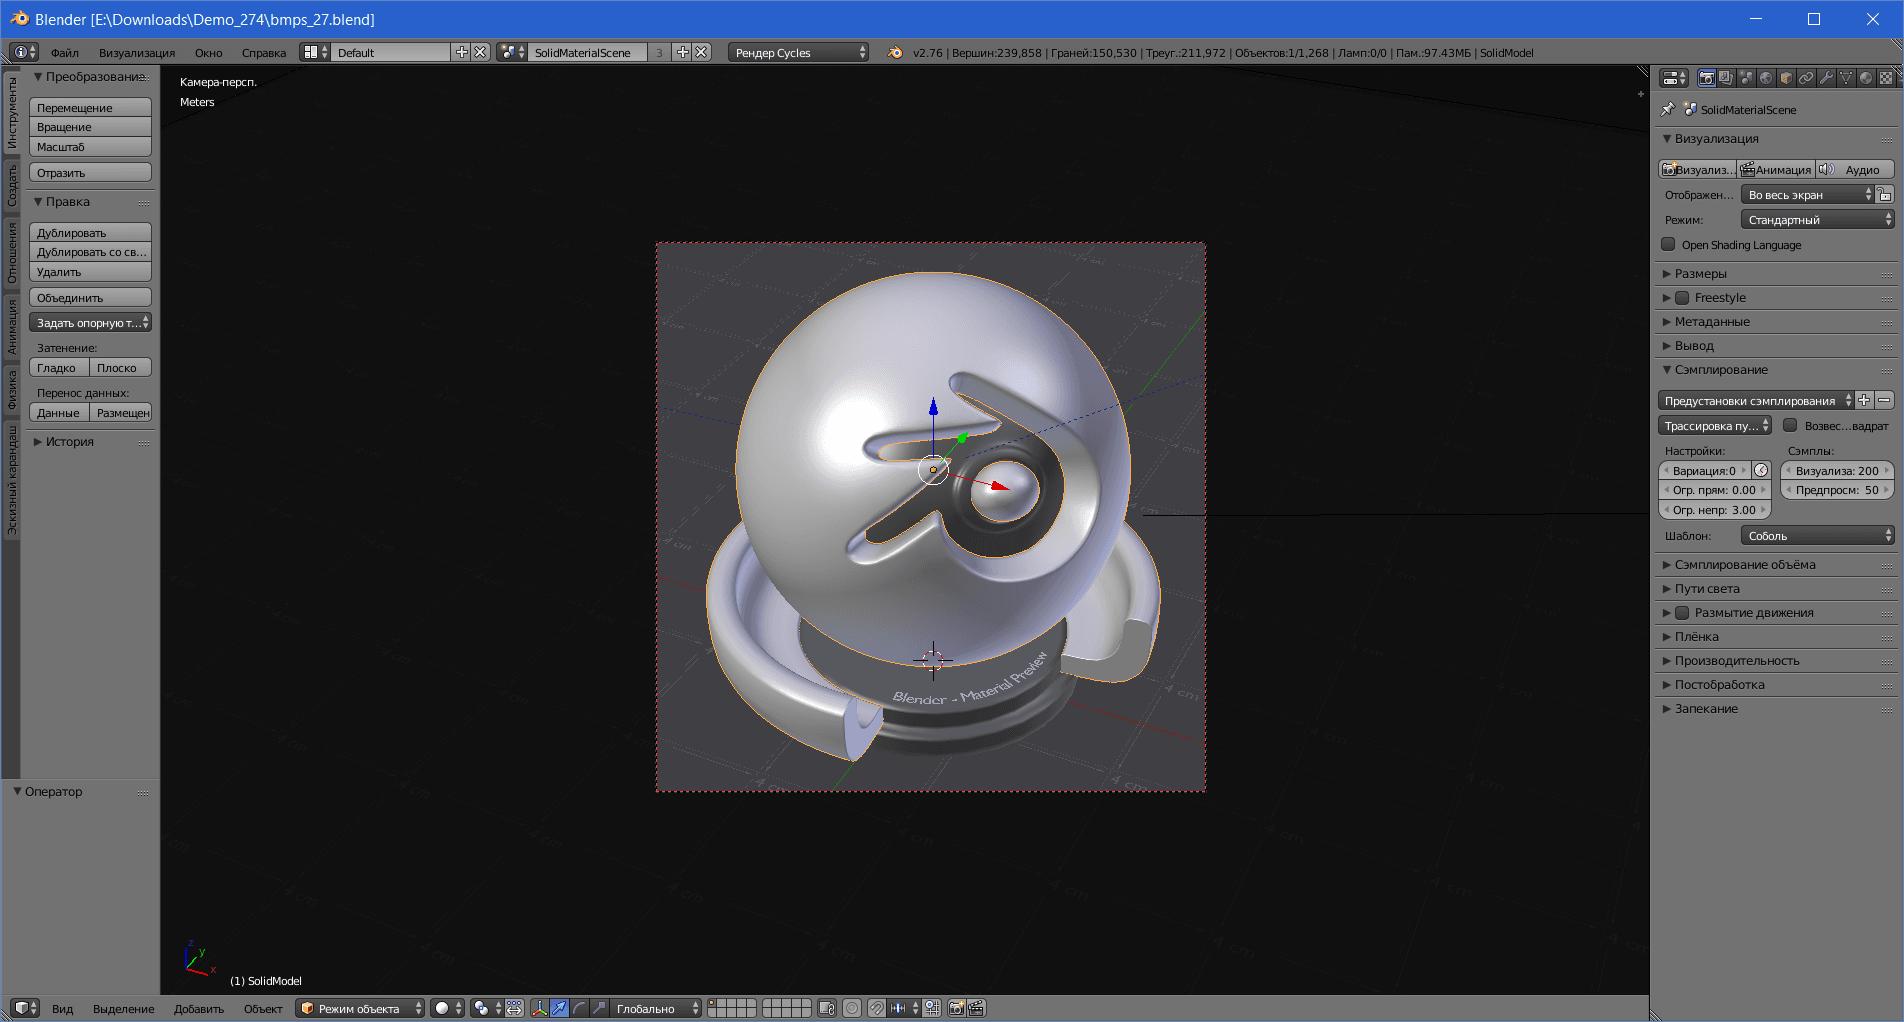 Скачать программу 3d на компьютер через торрент